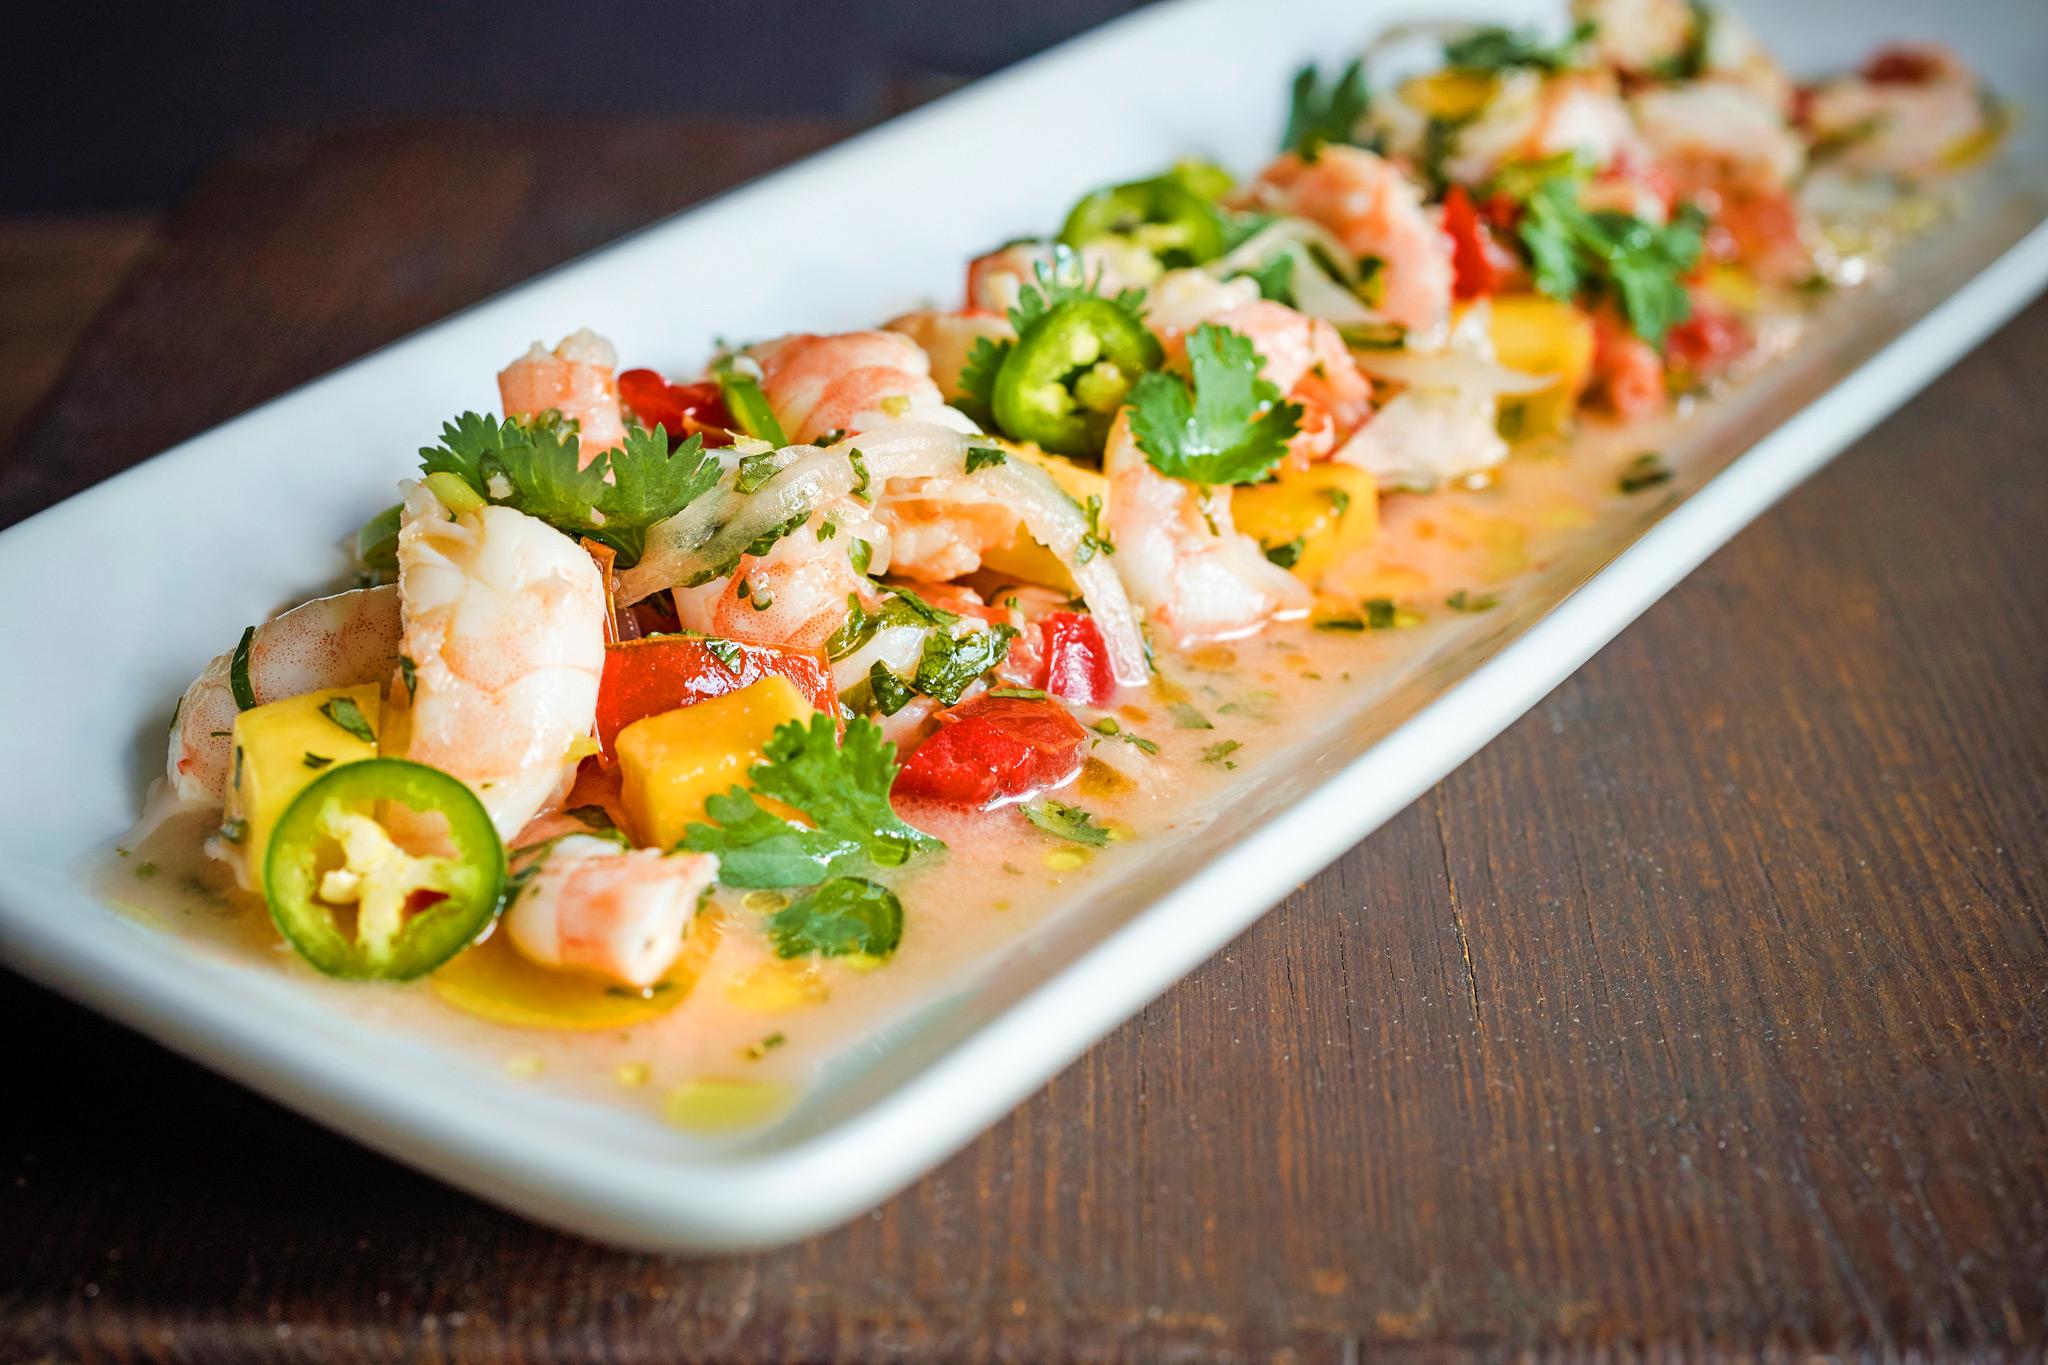 Севиче – рецепты блюда из рыбы и мяса, с помидорами и морепродуктами